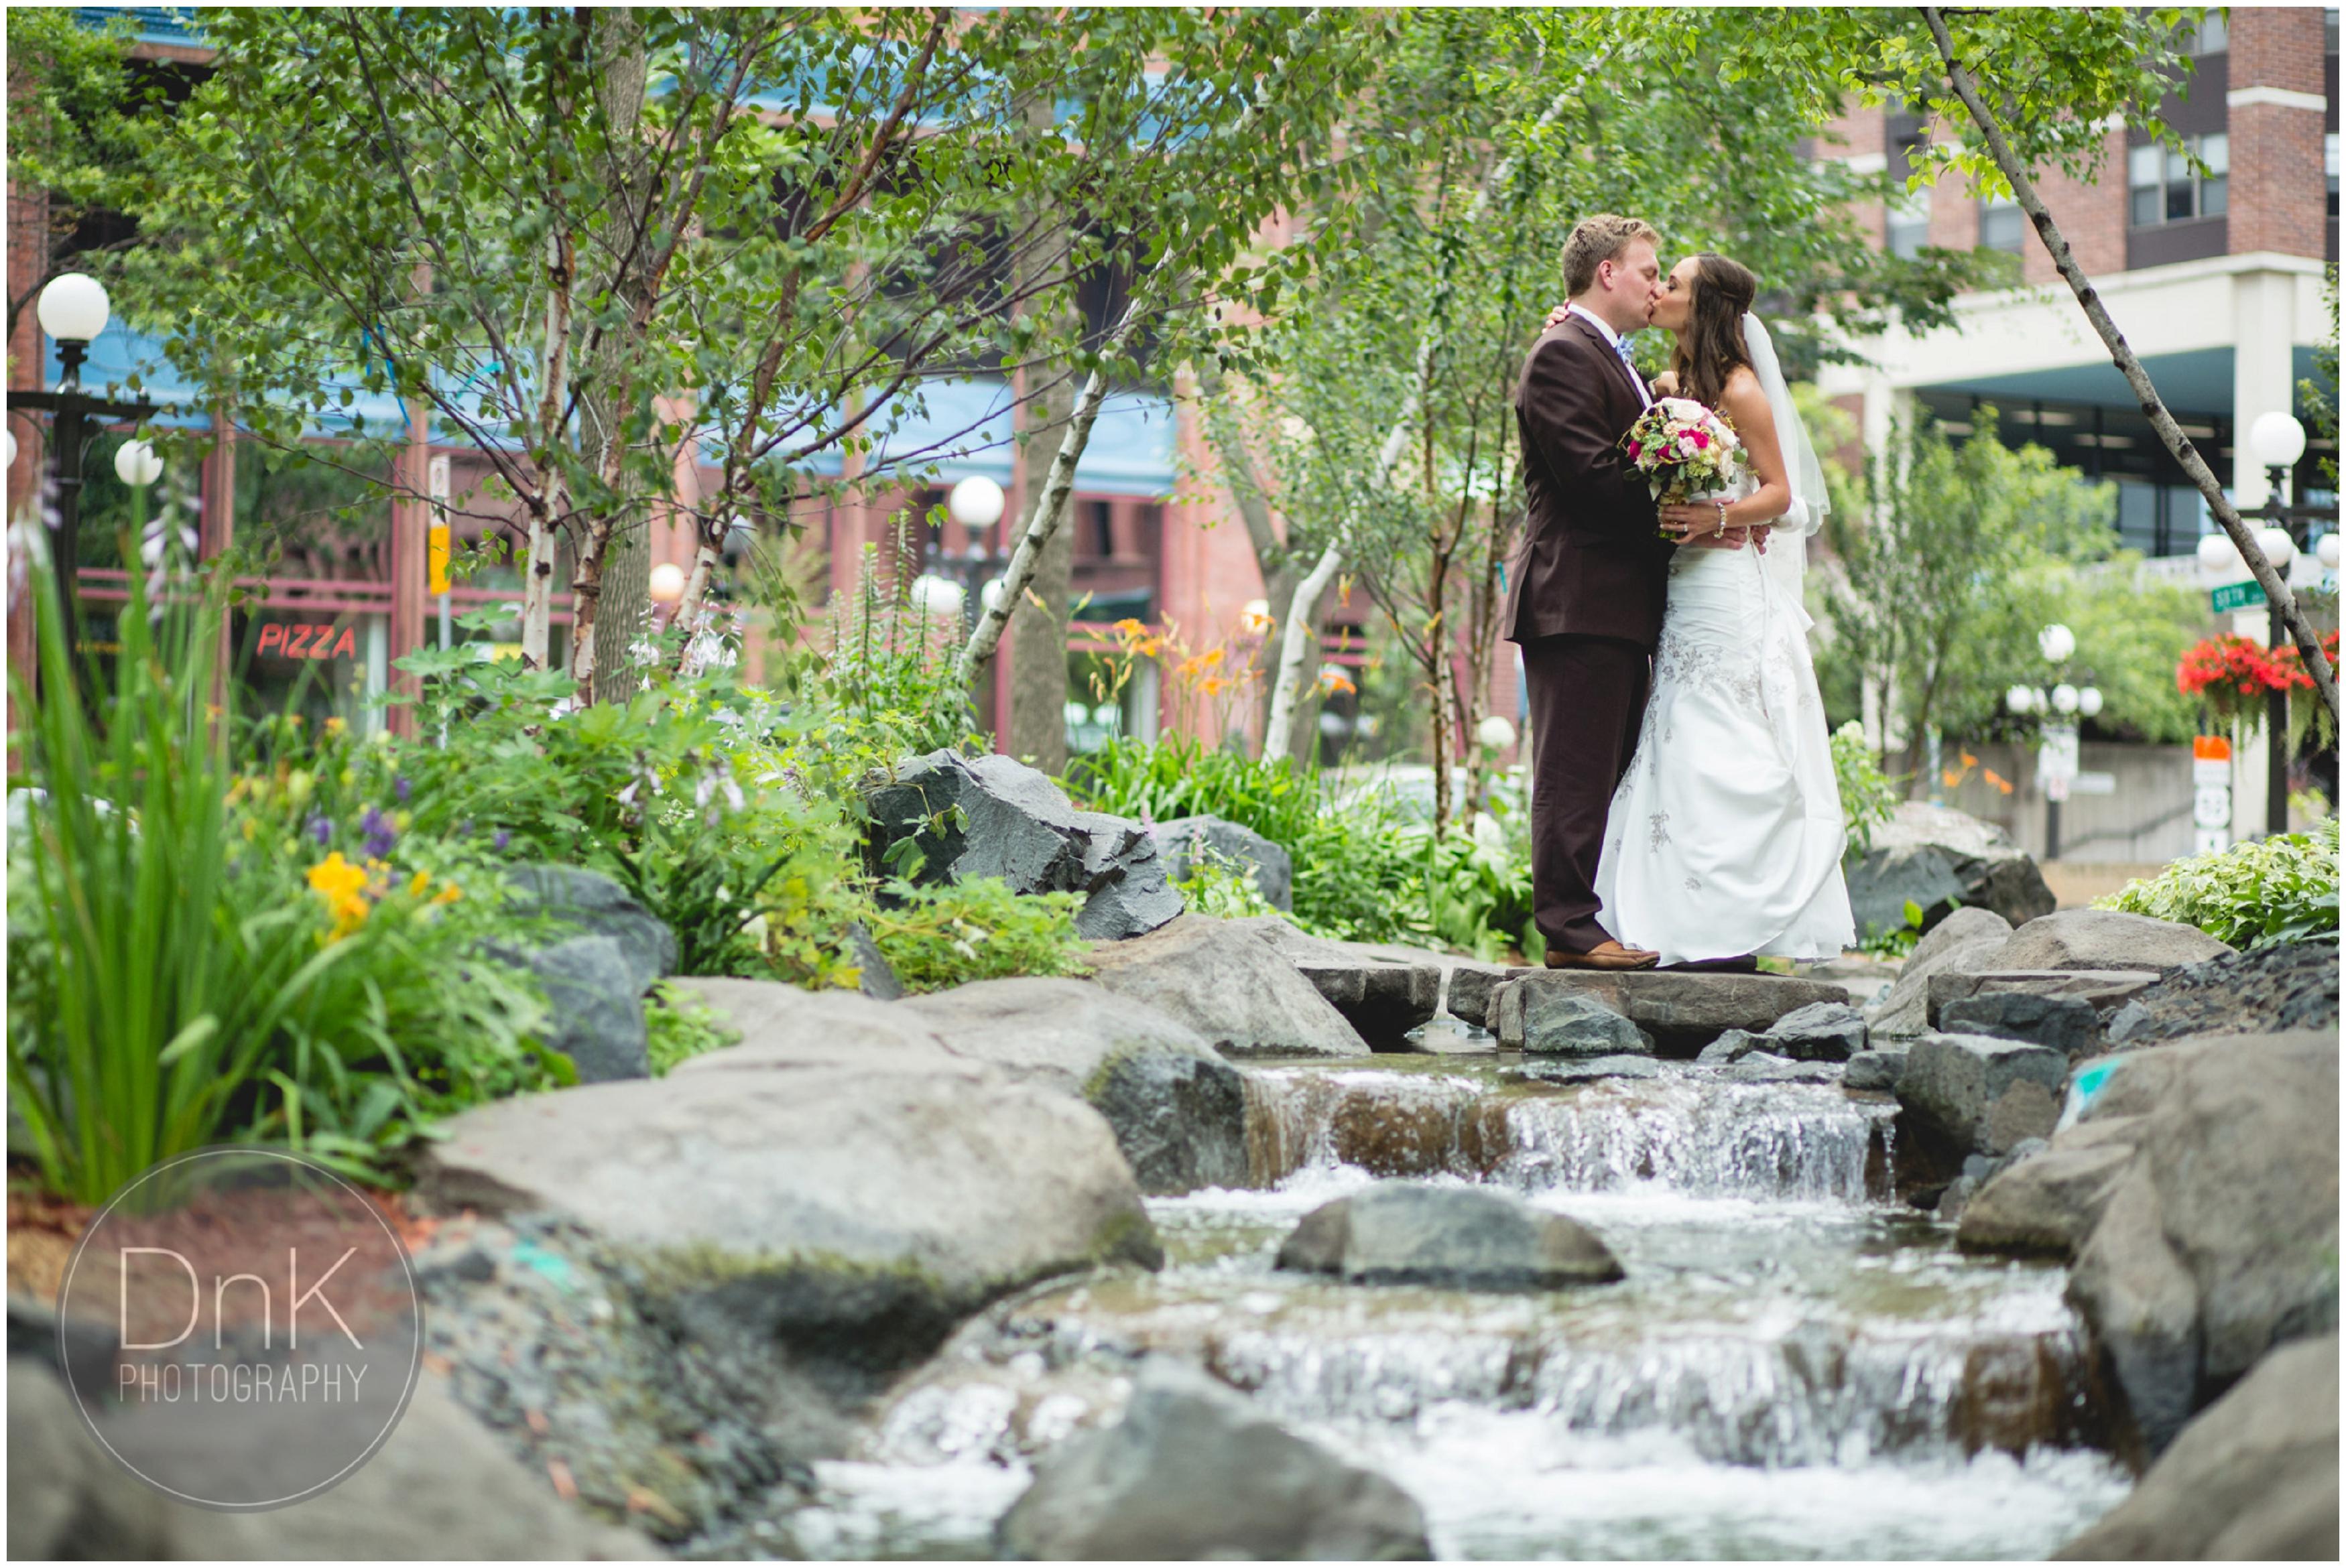 13 - Mears Park Wedding Photos DnK Photography